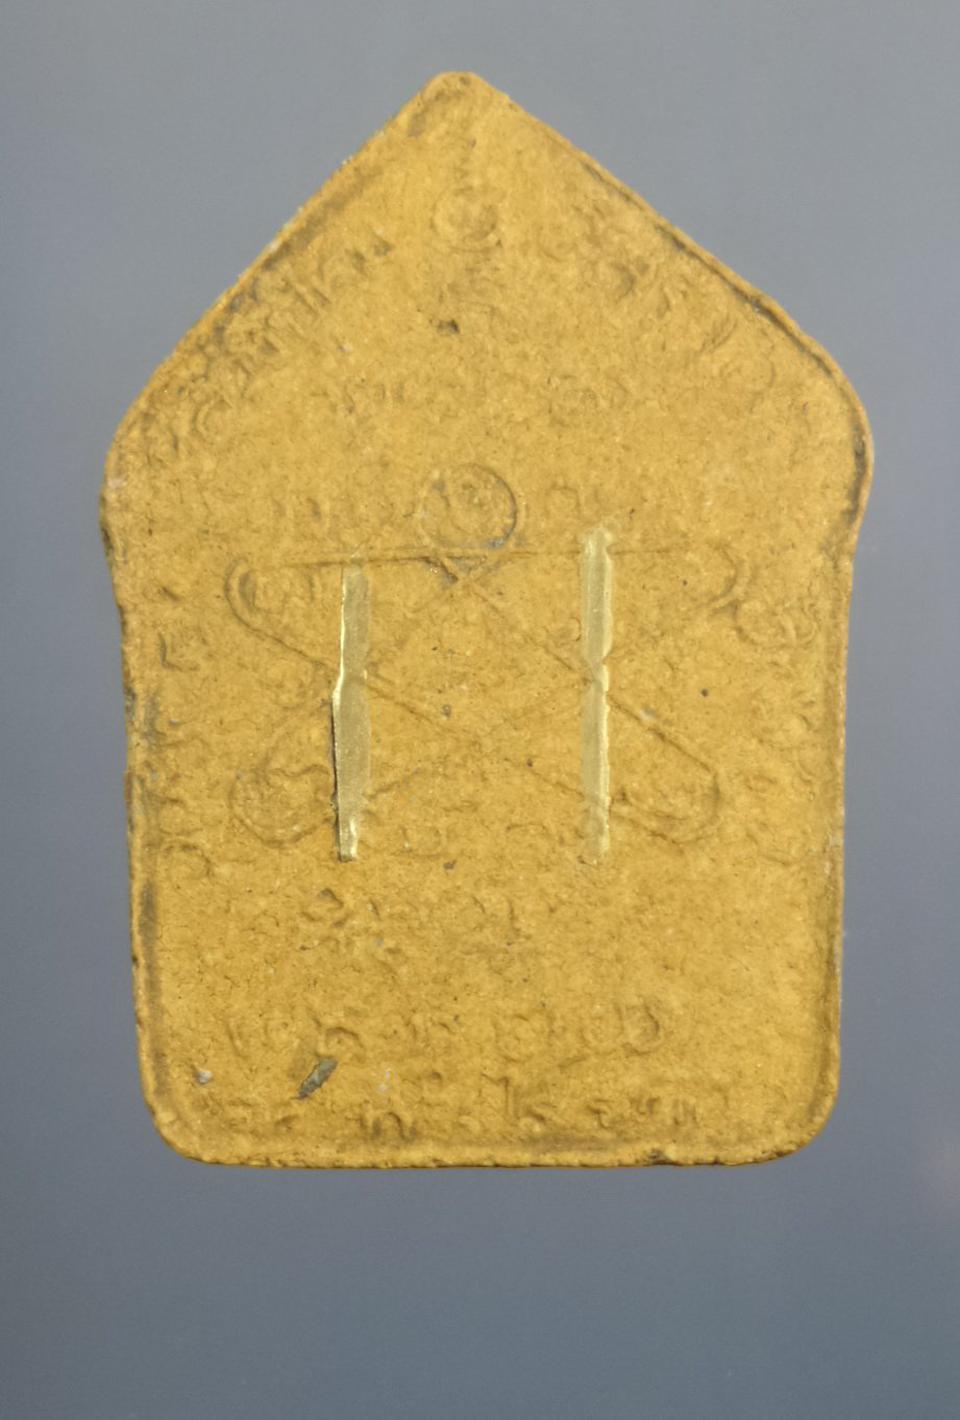 พระขุนแผนพรายกุมารฝังตะกรุดทองคำคู่ หลวงปู่ทิม วัดระหารไร่   รูปที่ 4